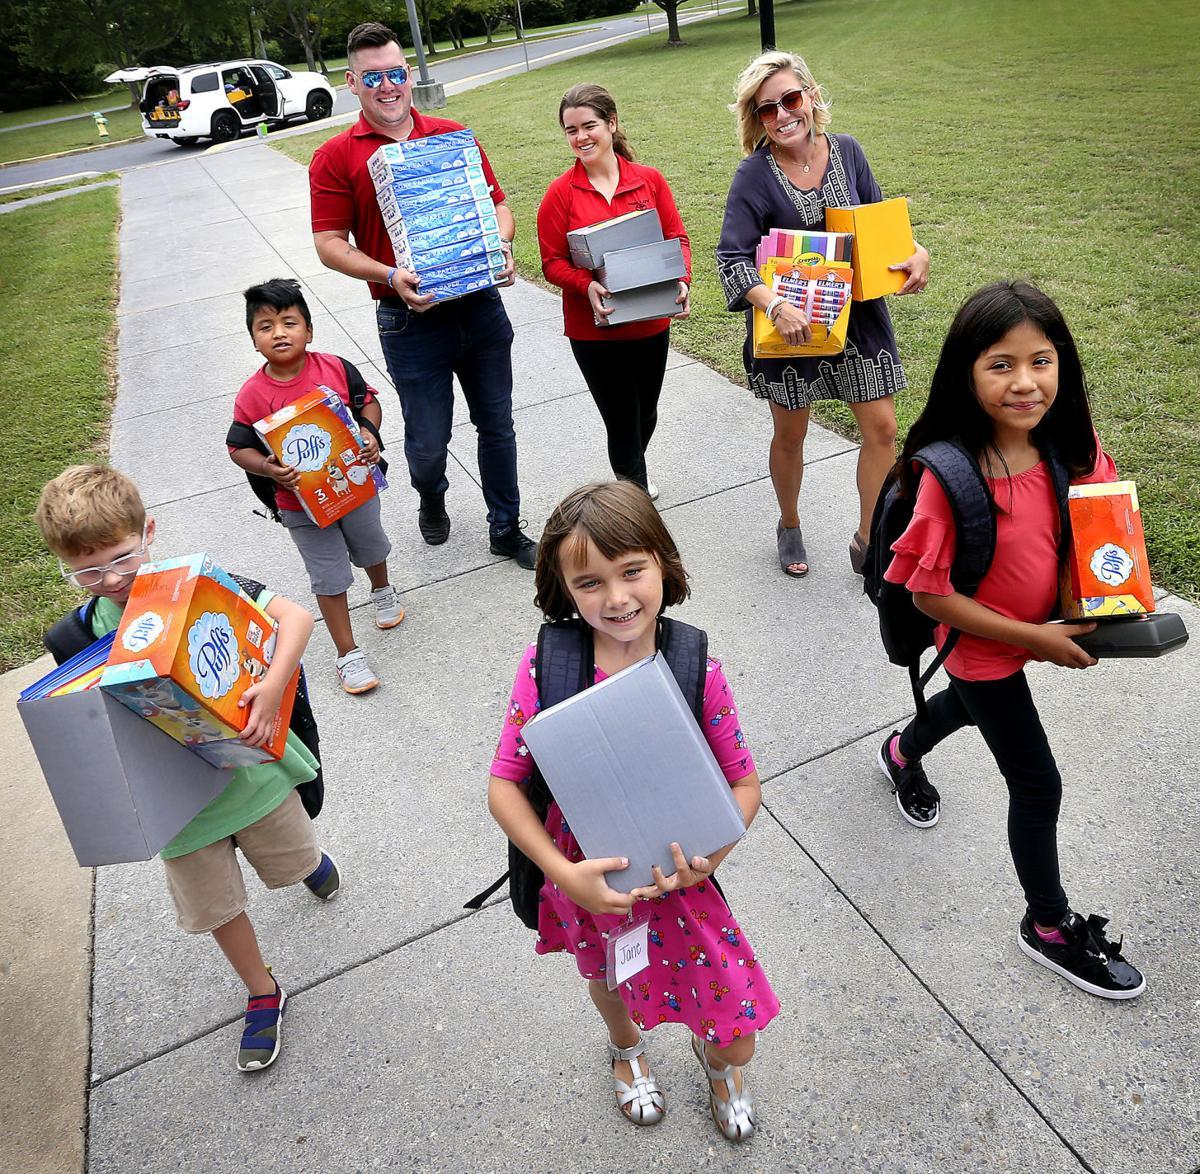 School supplies special delivery